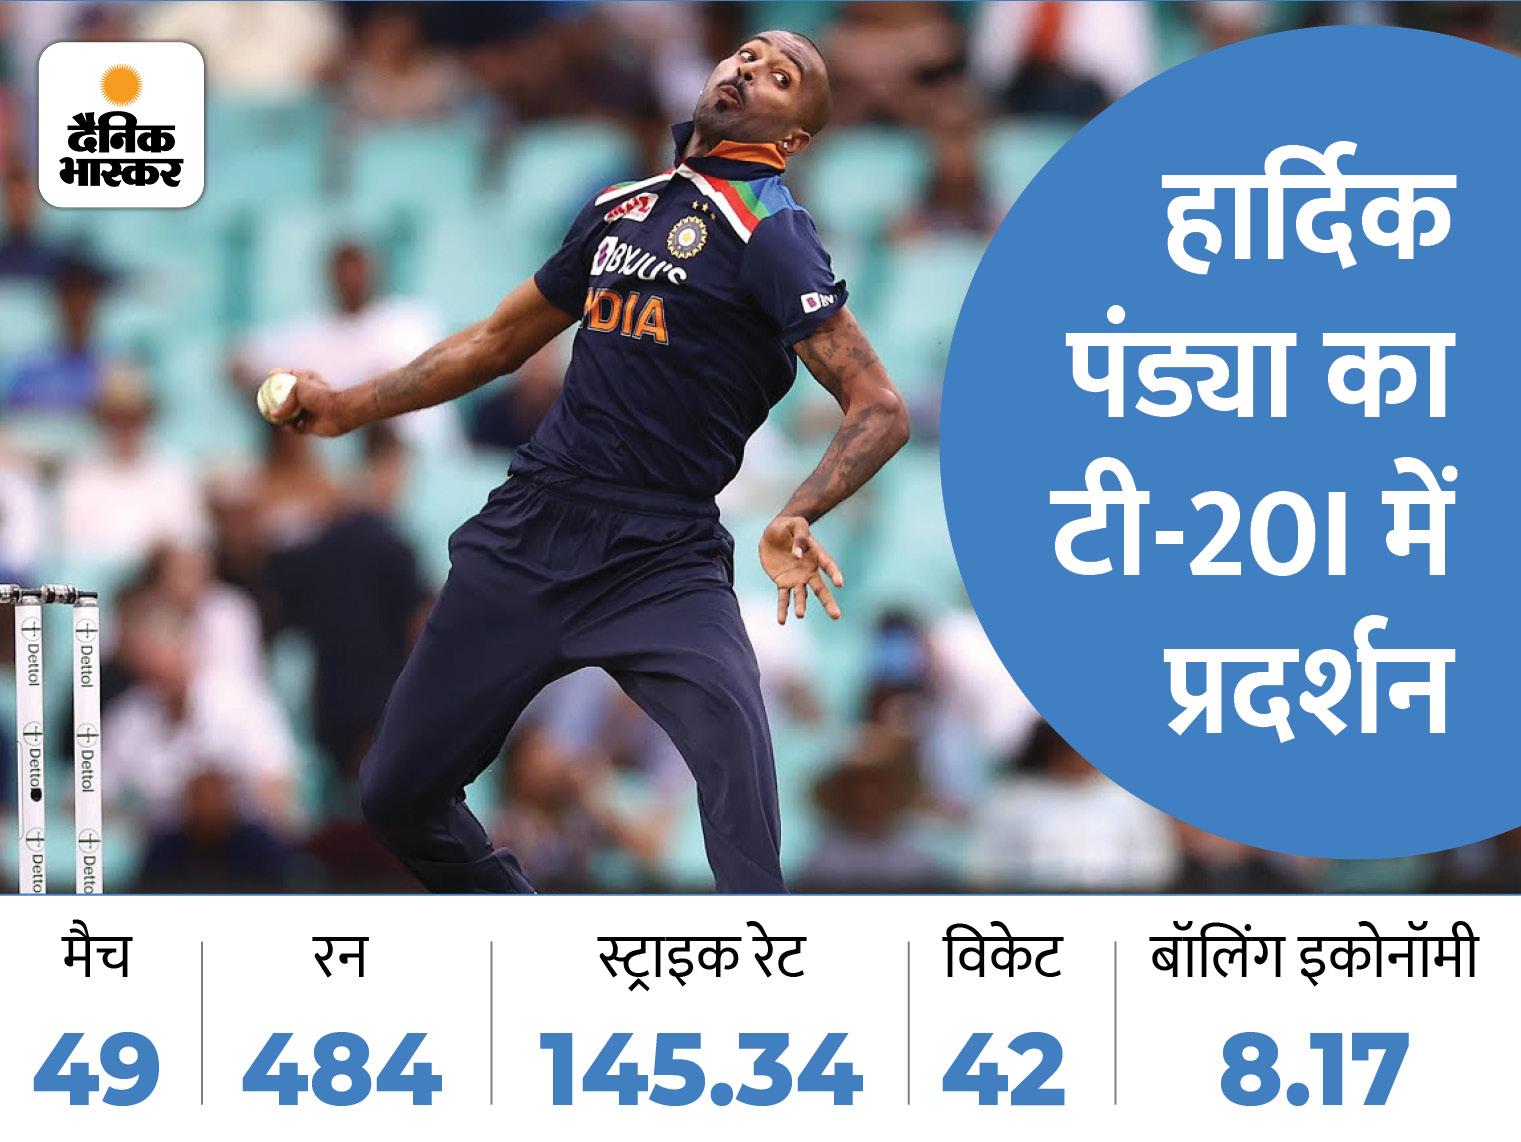 हार्दिक पंड्या टूर्नामेंट में नहीं करेंगे गेंदबाजी, एक बल्लेबाज के रूप में होंगे टीम का हिस्सा T20 वर्ल्ड कप,T20 World Cup - Dainik Bhaskar